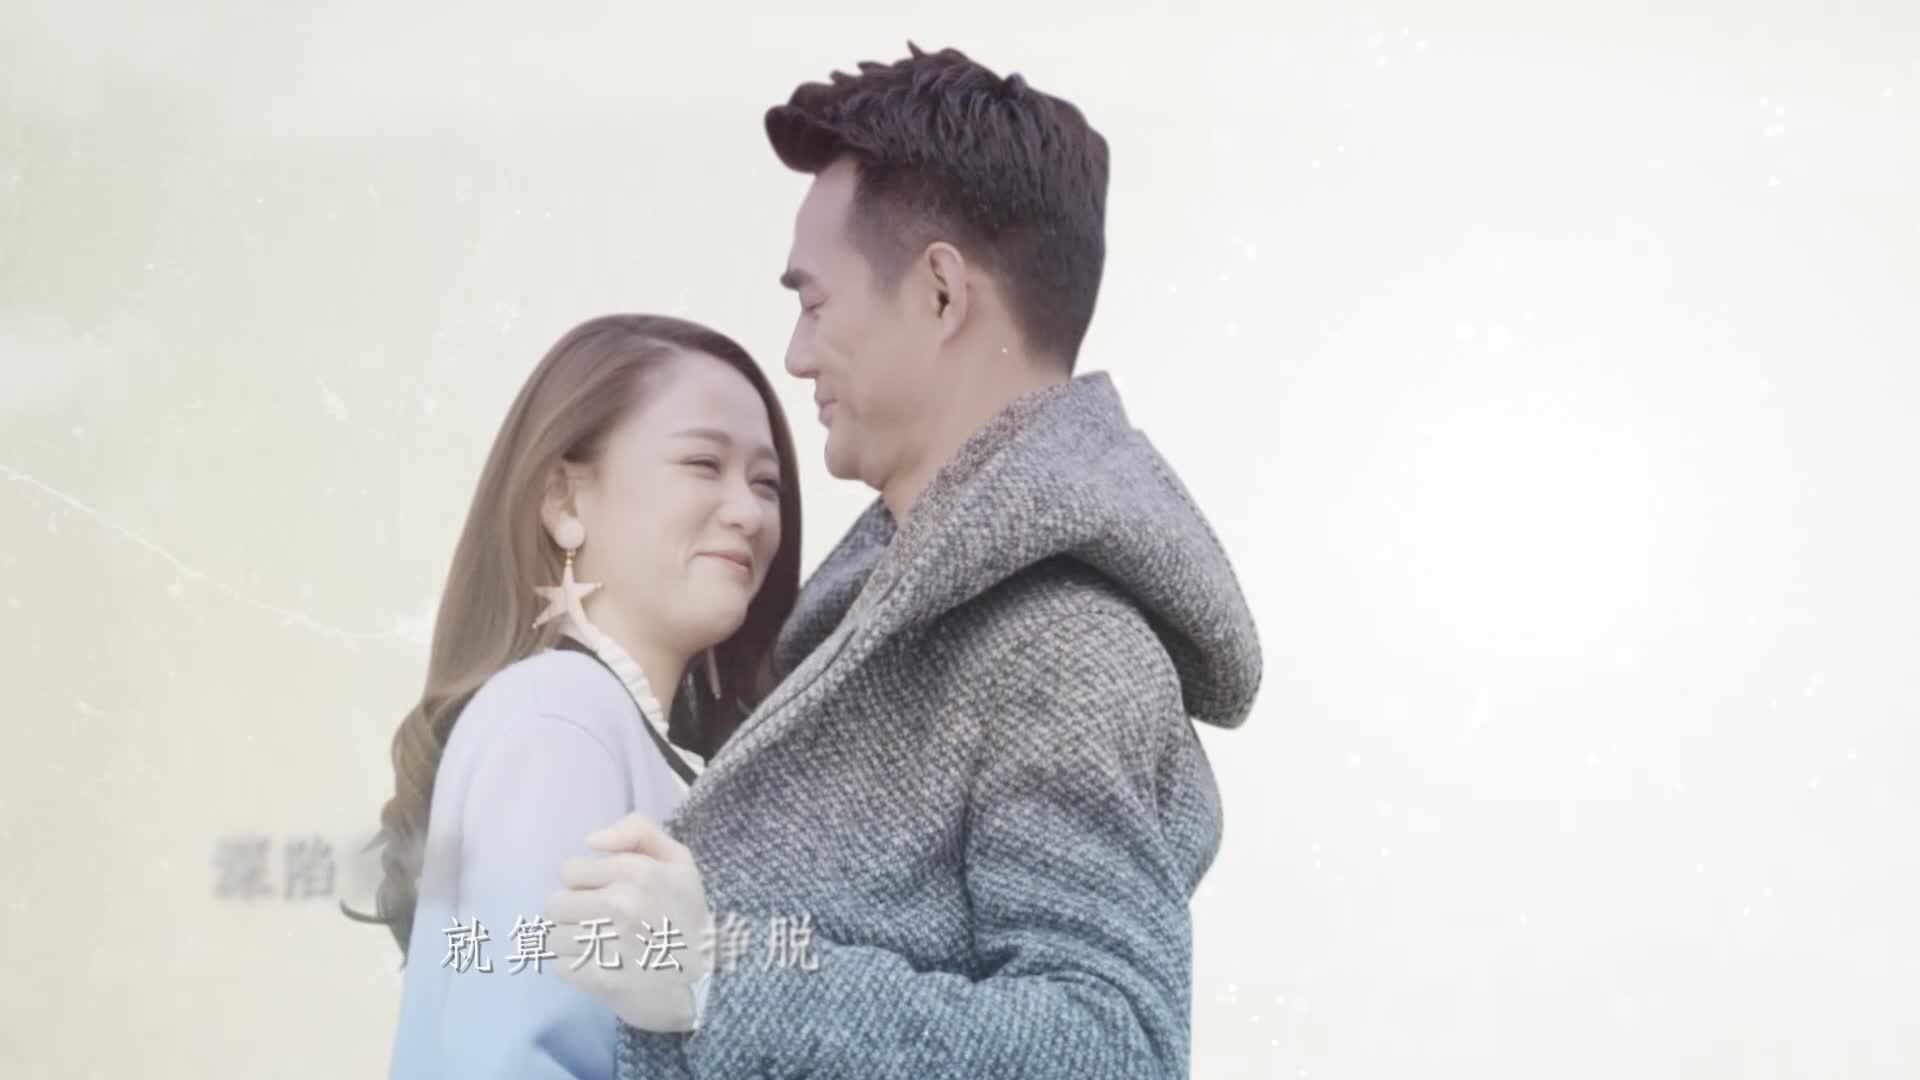 《放弃我抓紧我》首曝片头曲 陈乔恩王凯演浓情恋人